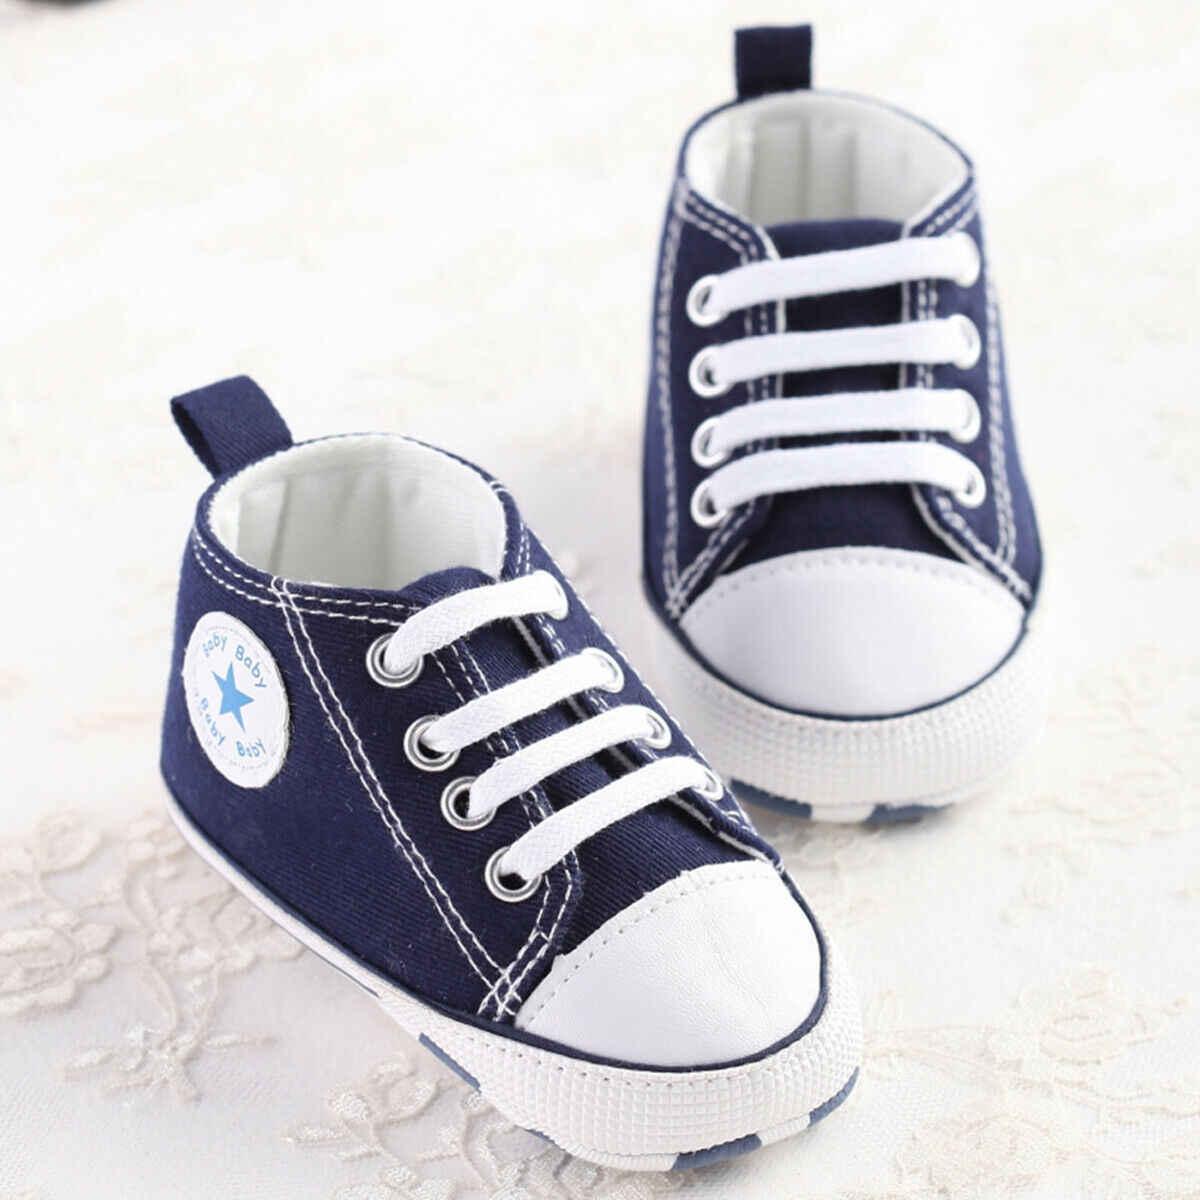 Zapatos para niños suaves, informales, deportivos, Unisex, para niños, niñas, 2019, otoño, primavera, zapatillas a rayas, zapatos transpirables para niños